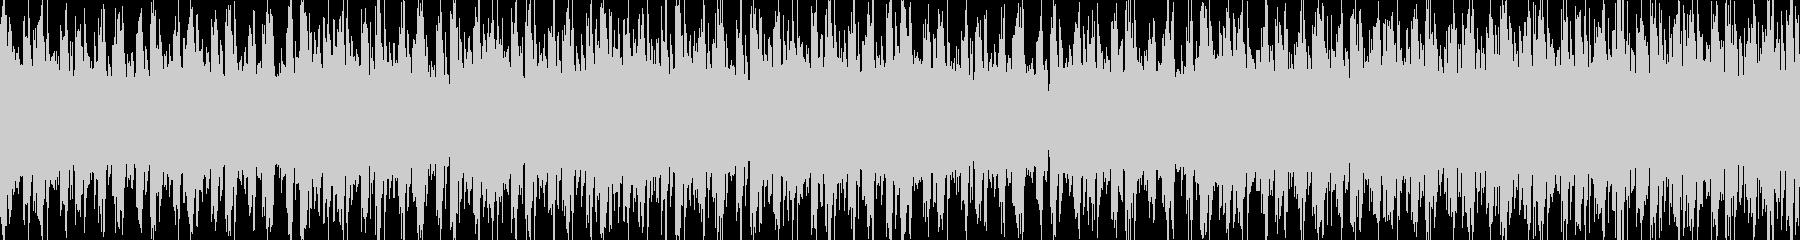 【ループ可】フュージョンなドラムンベースの未再生の波形